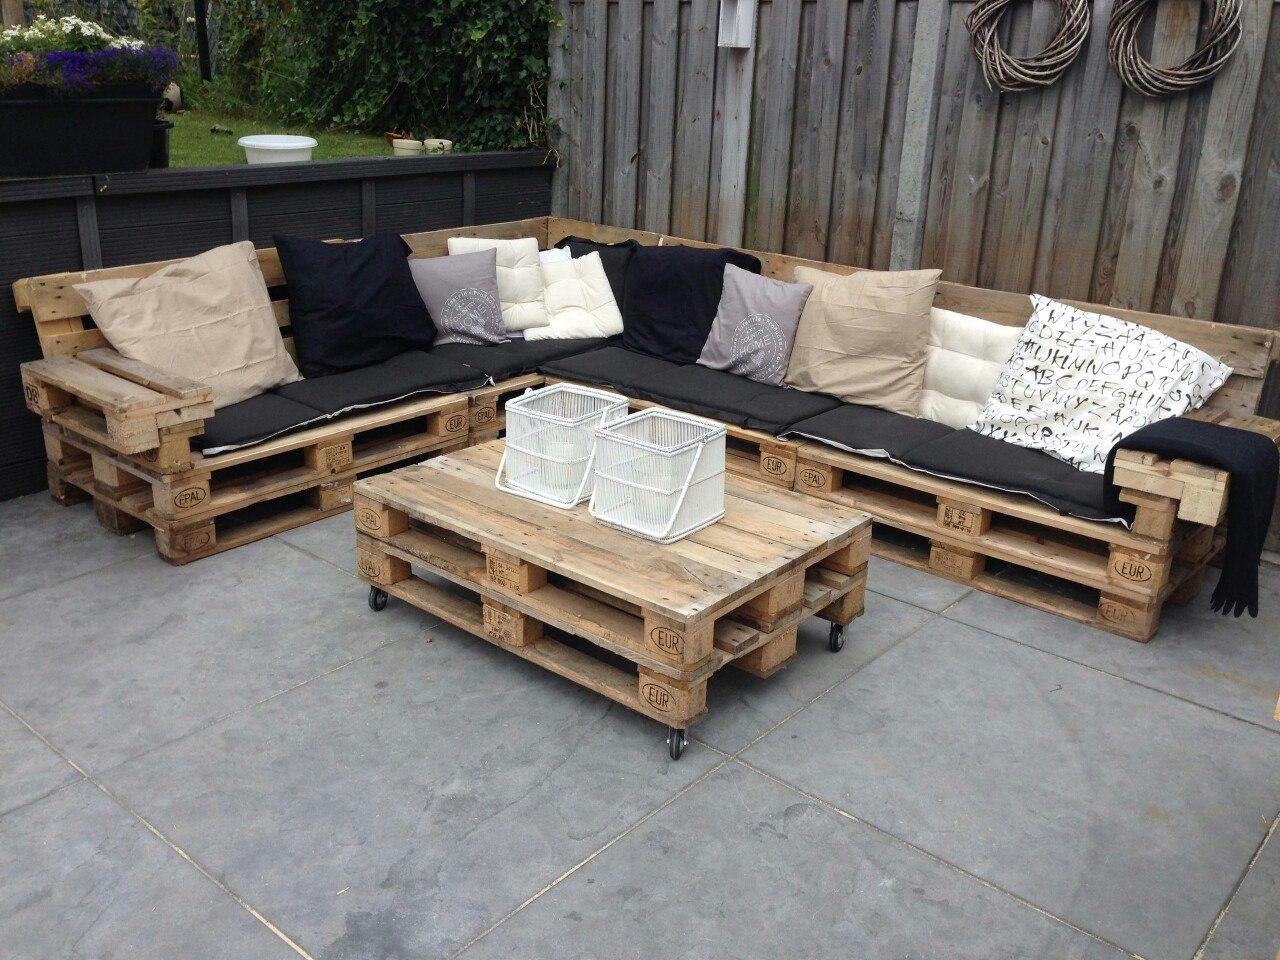 породы мебель из деревянных поддонов своими руками фото флориде